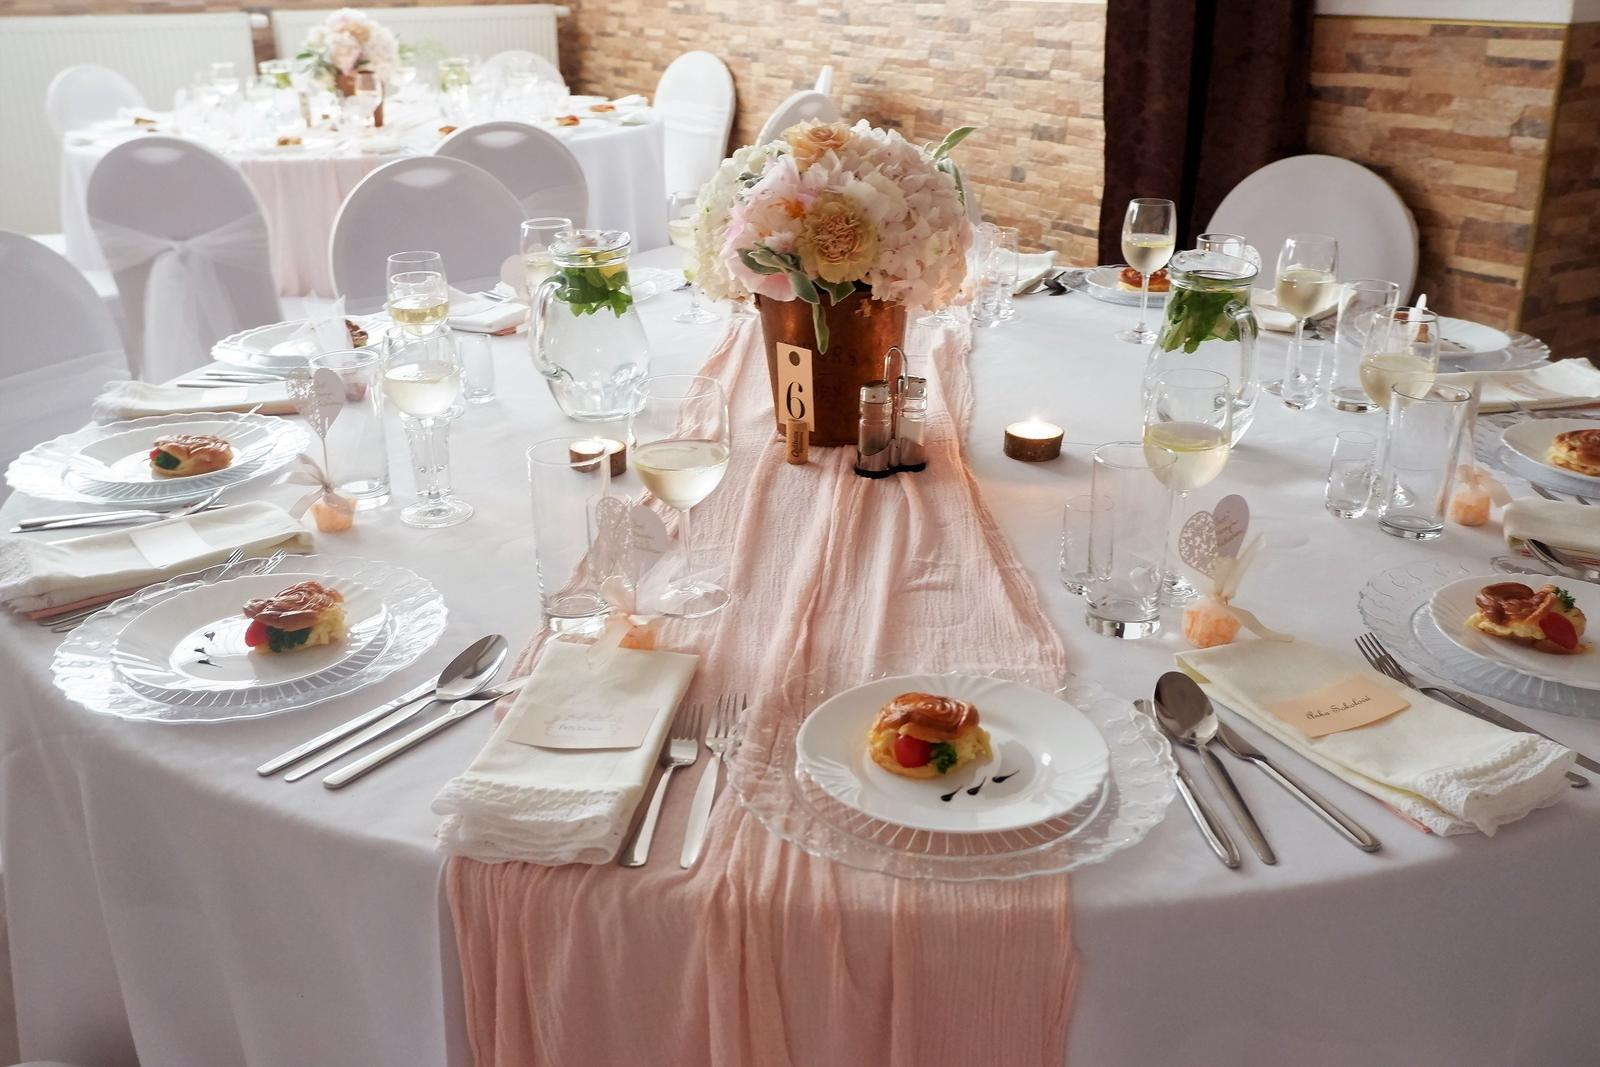 klubové dekoračné taniere - Obrázok č. 3